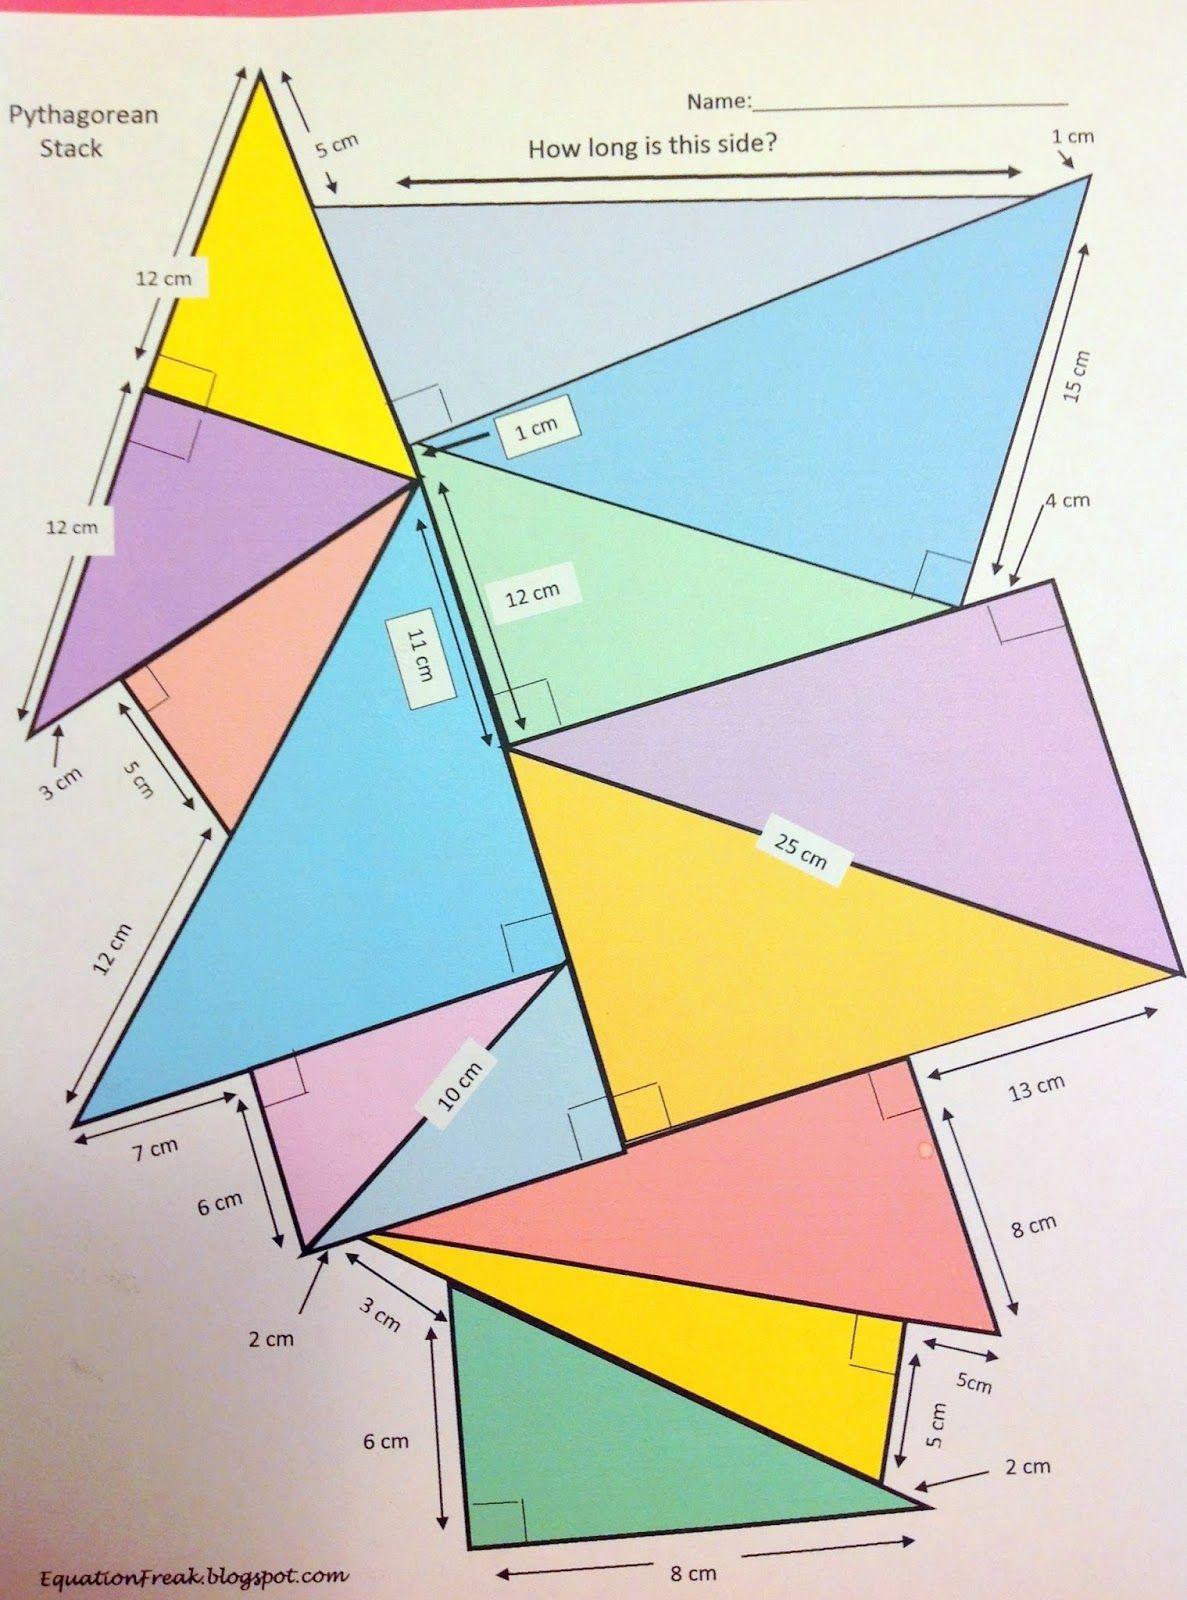 Equationfreakspot Search Label Pythagorean